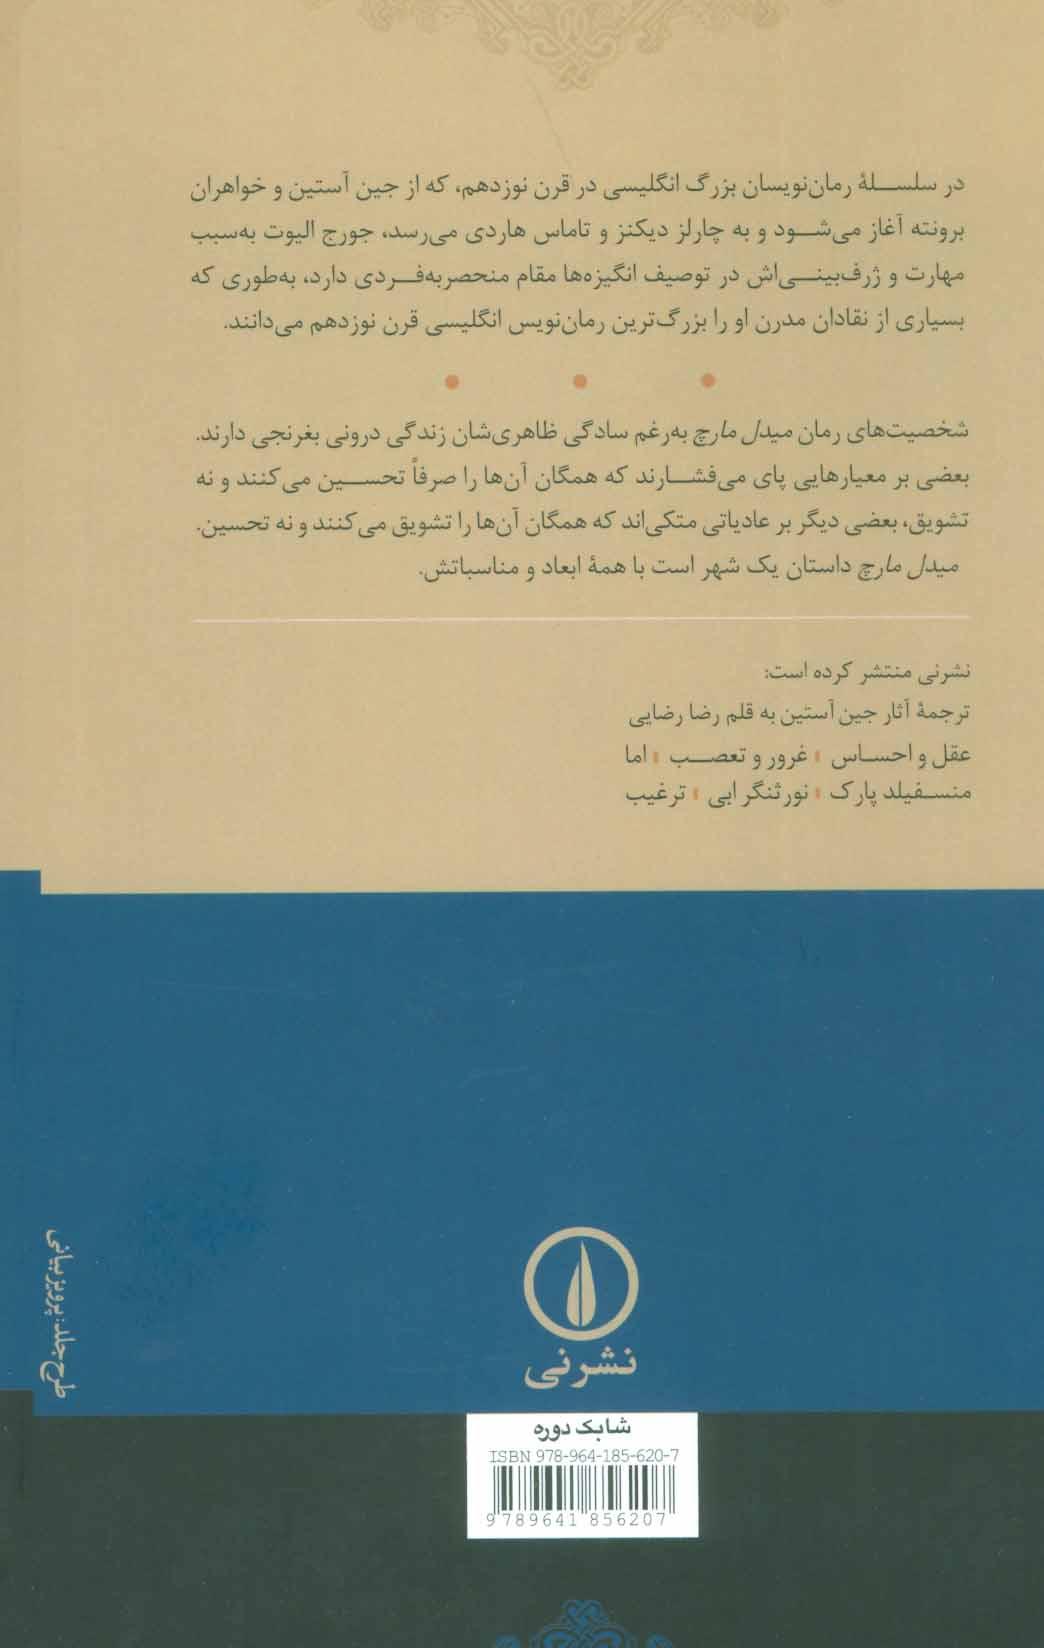 میدل مارچ (داستان یک شهر)،(2جلدی)